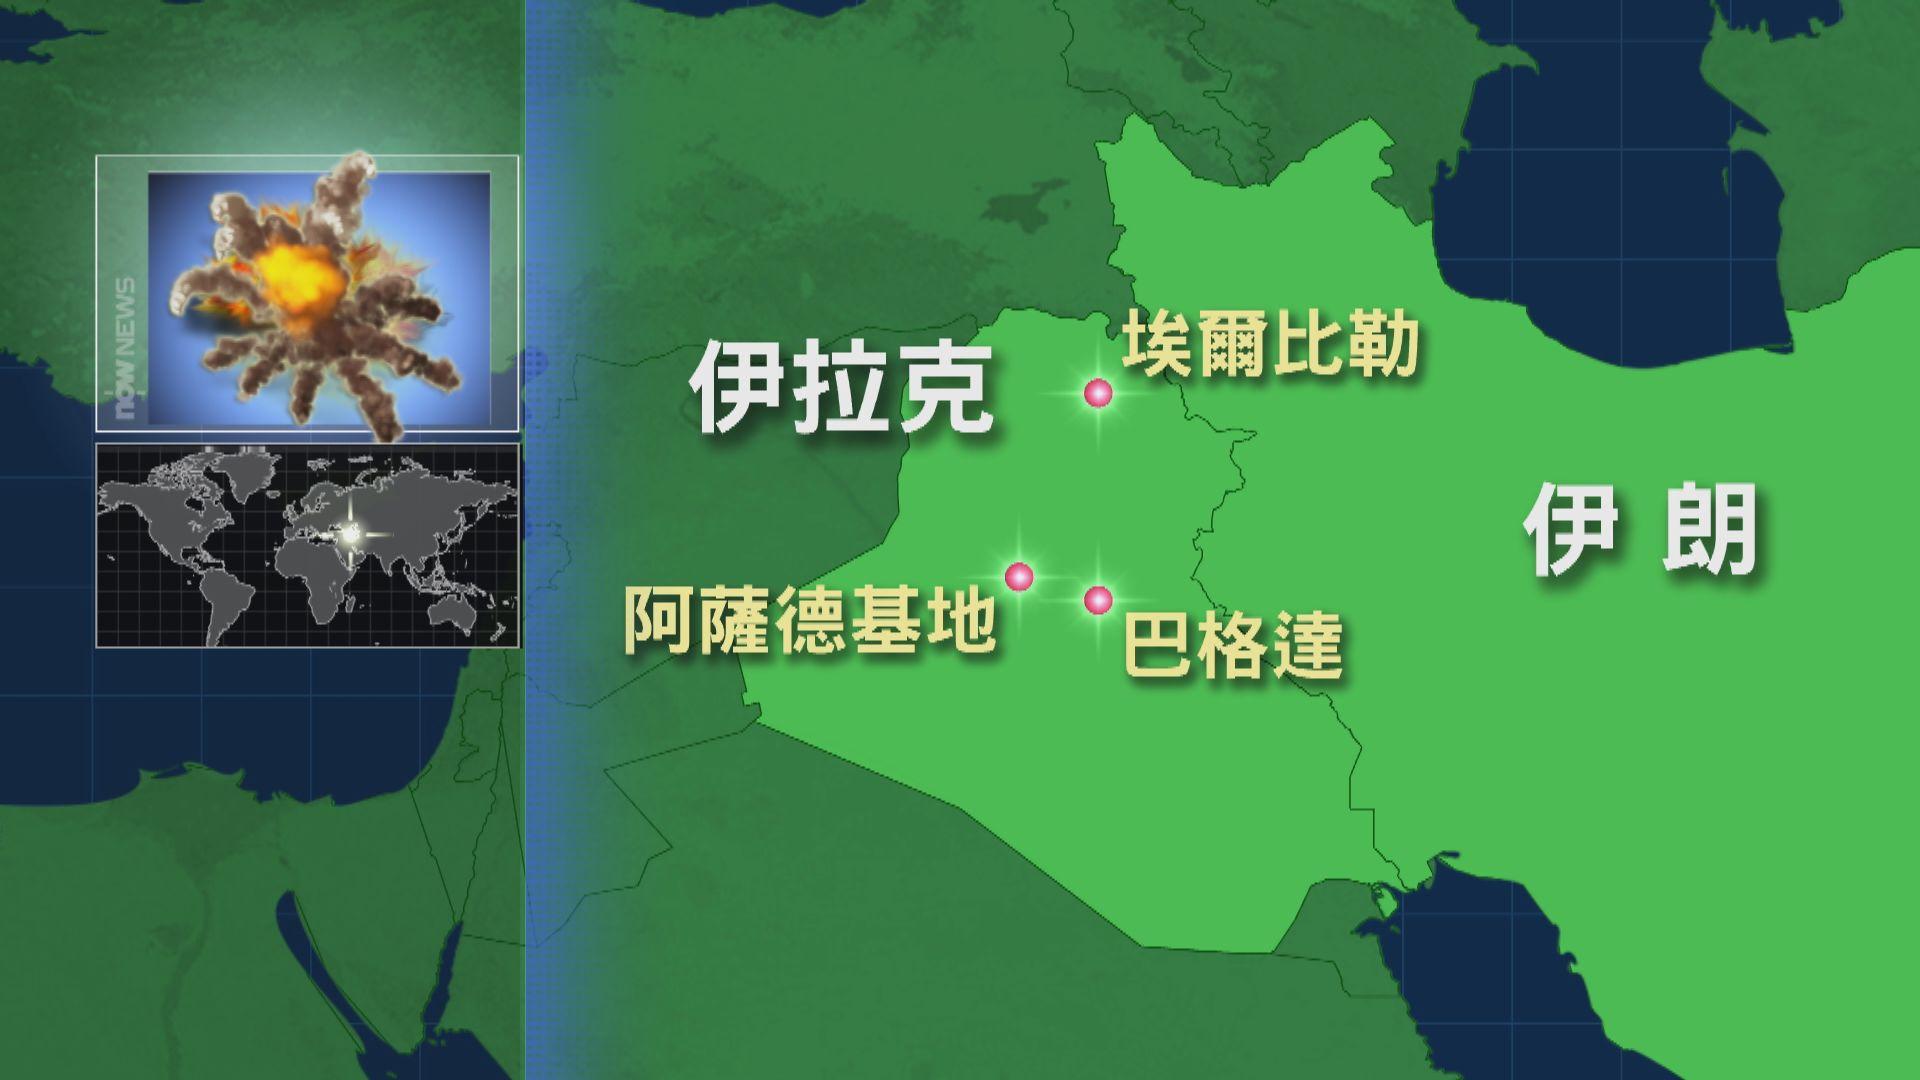 伊朗警告美國勿再報復 否則會襲擊美國本土